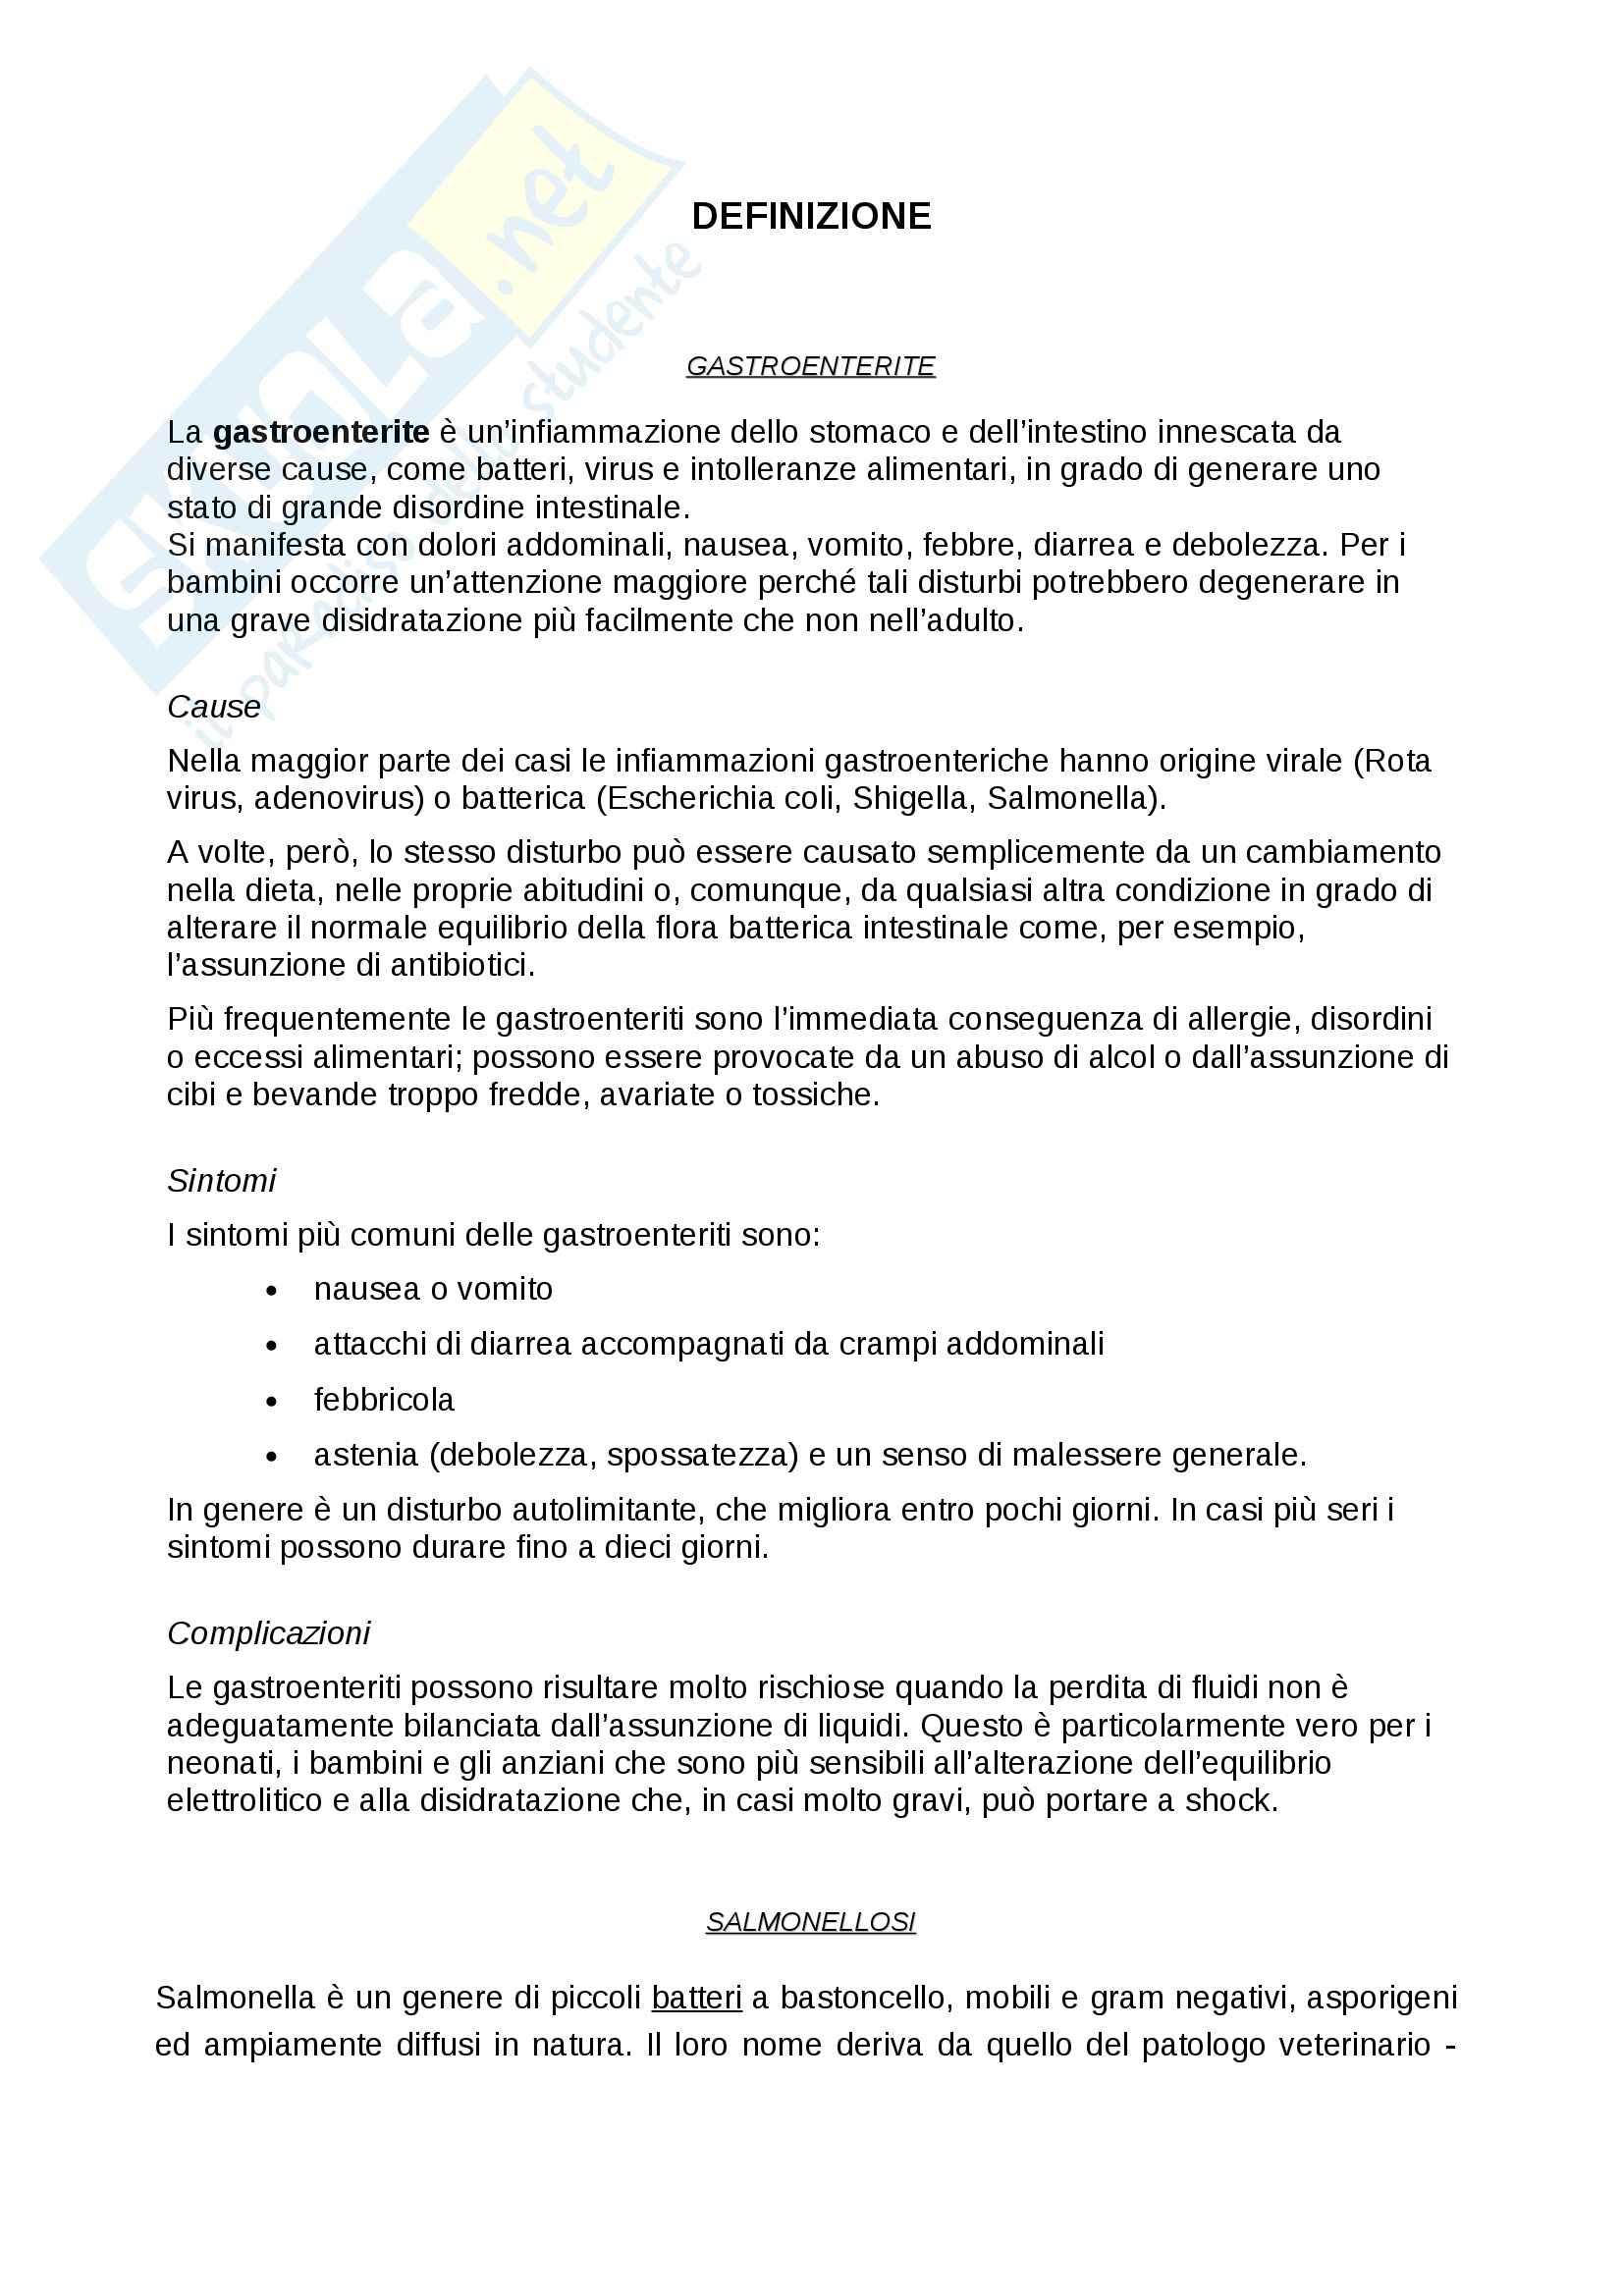 Caso clinico pediatrico: Paziente con gastroenterite, Tesi Pag. 6